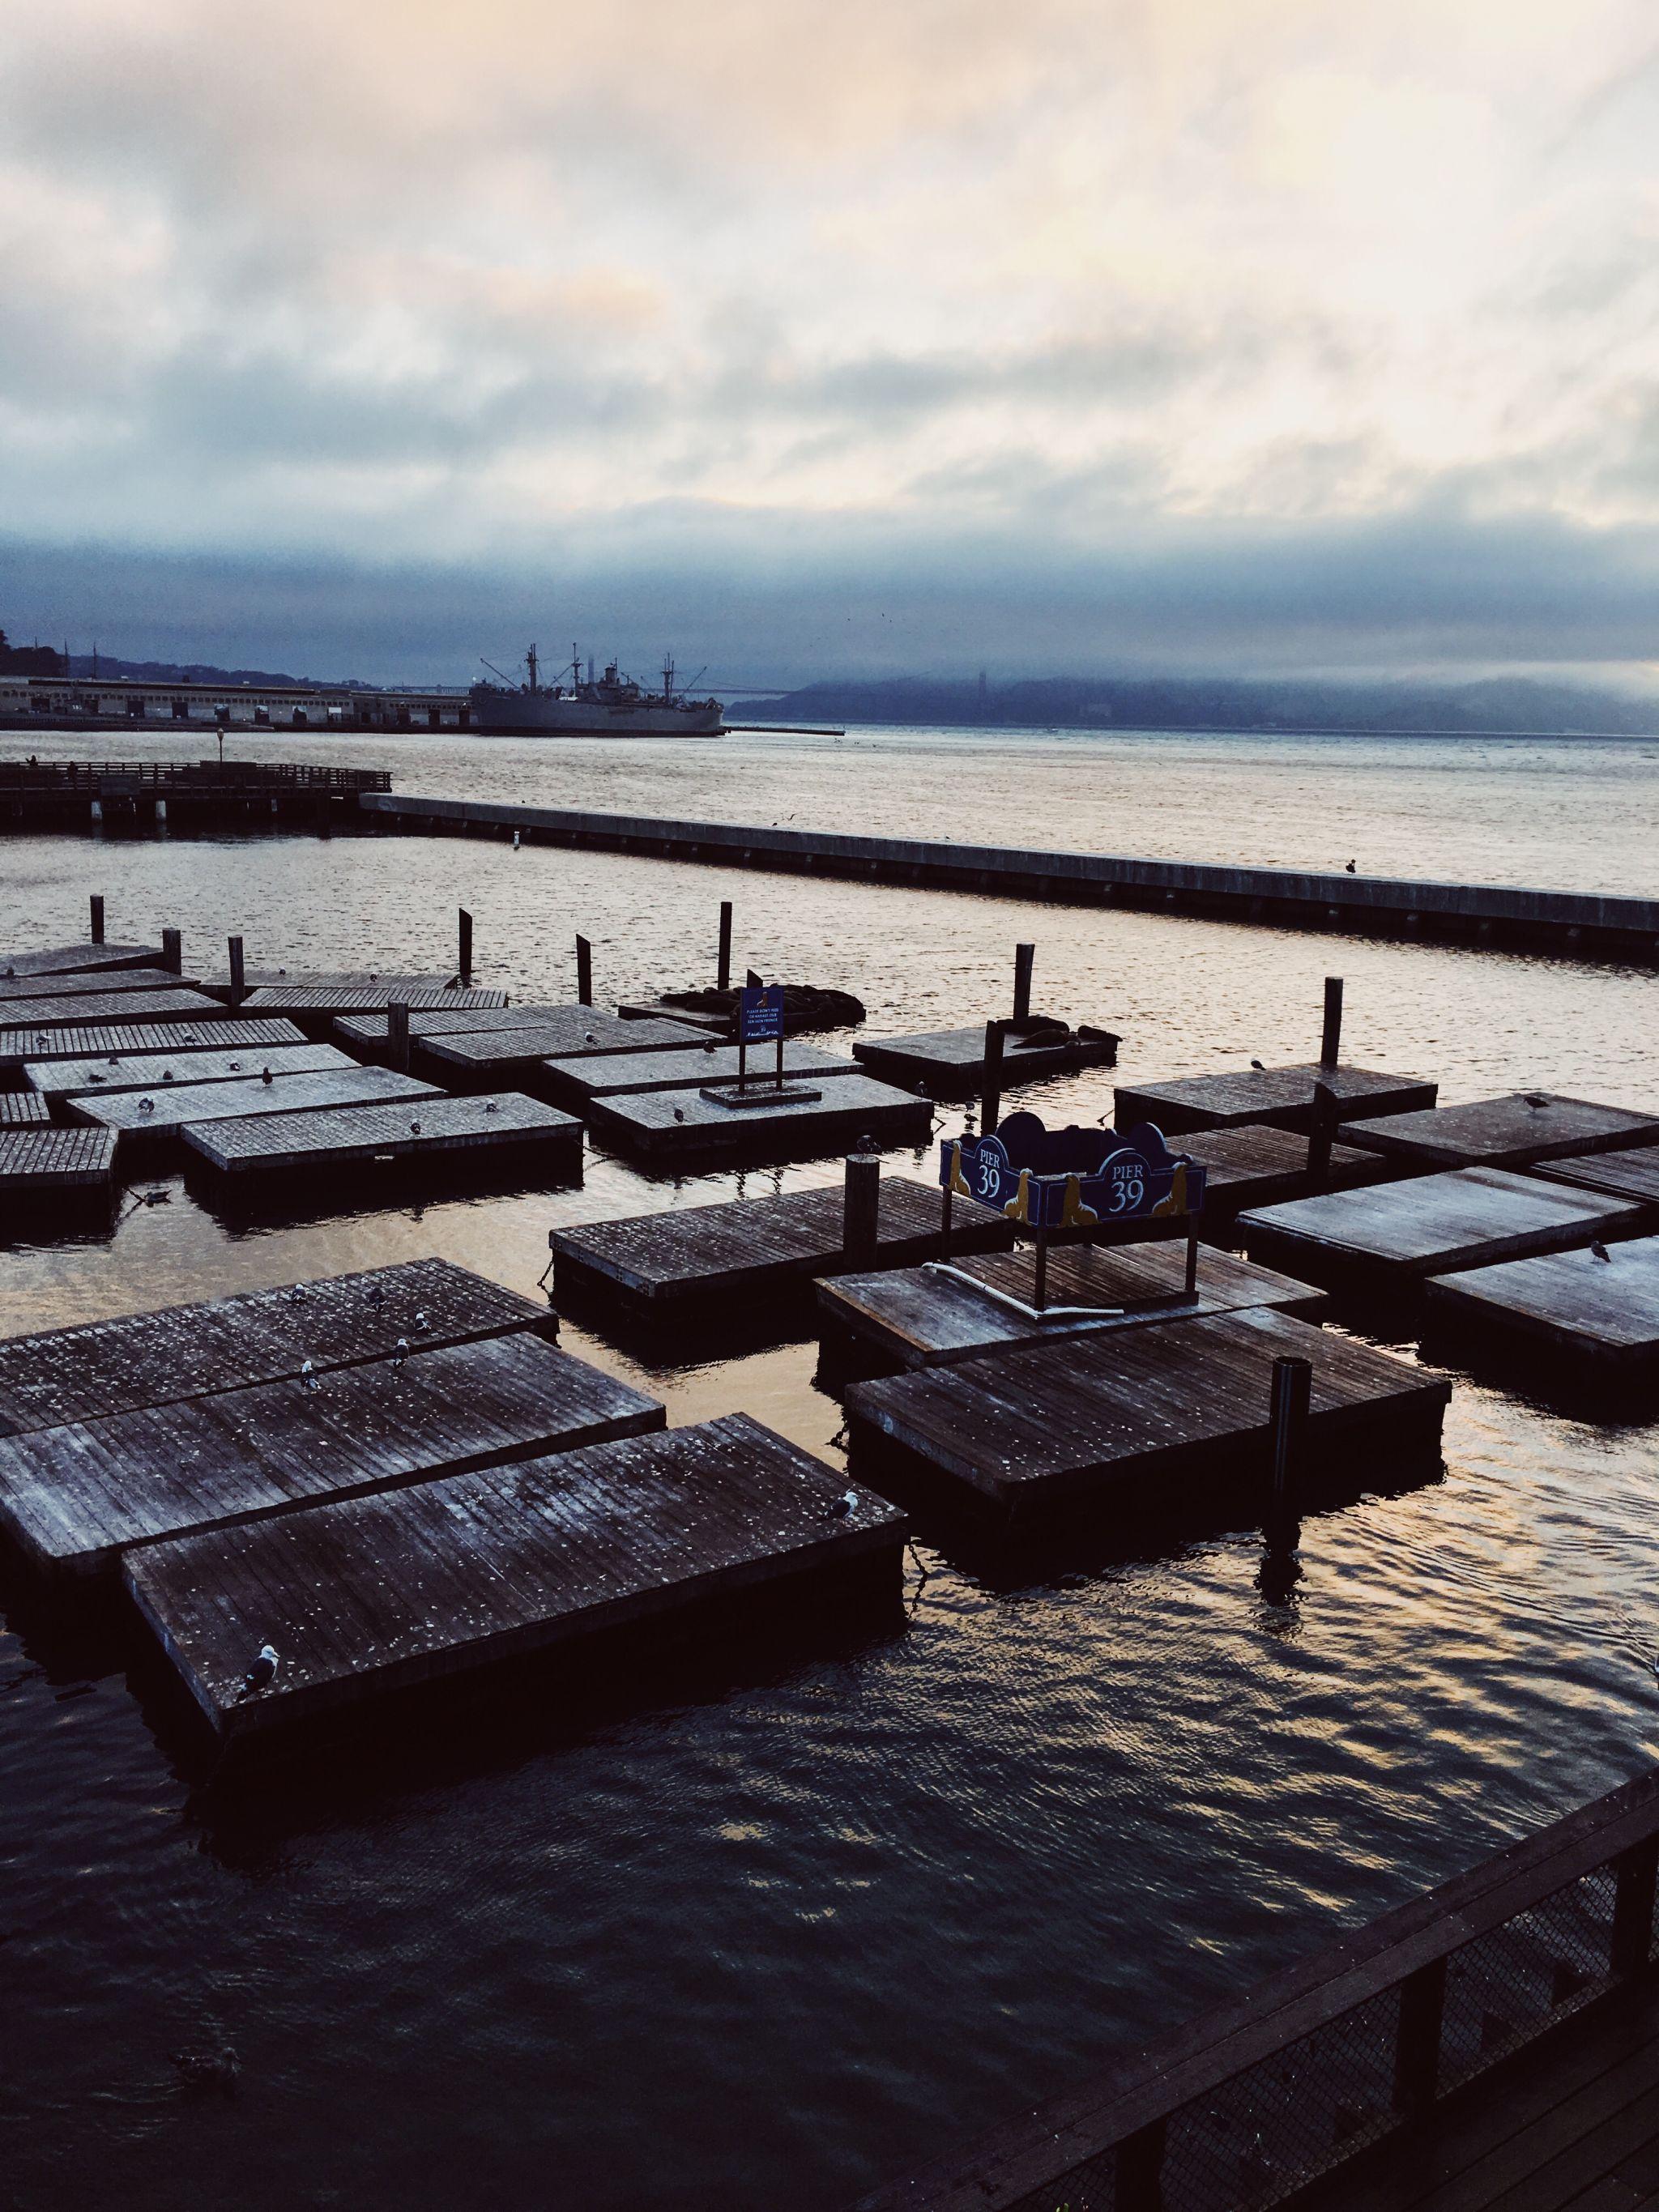 Die Marina/ Chestnut Street Gegend in San Francisco - Nowshine ü40 Reiseblog - Pier 39